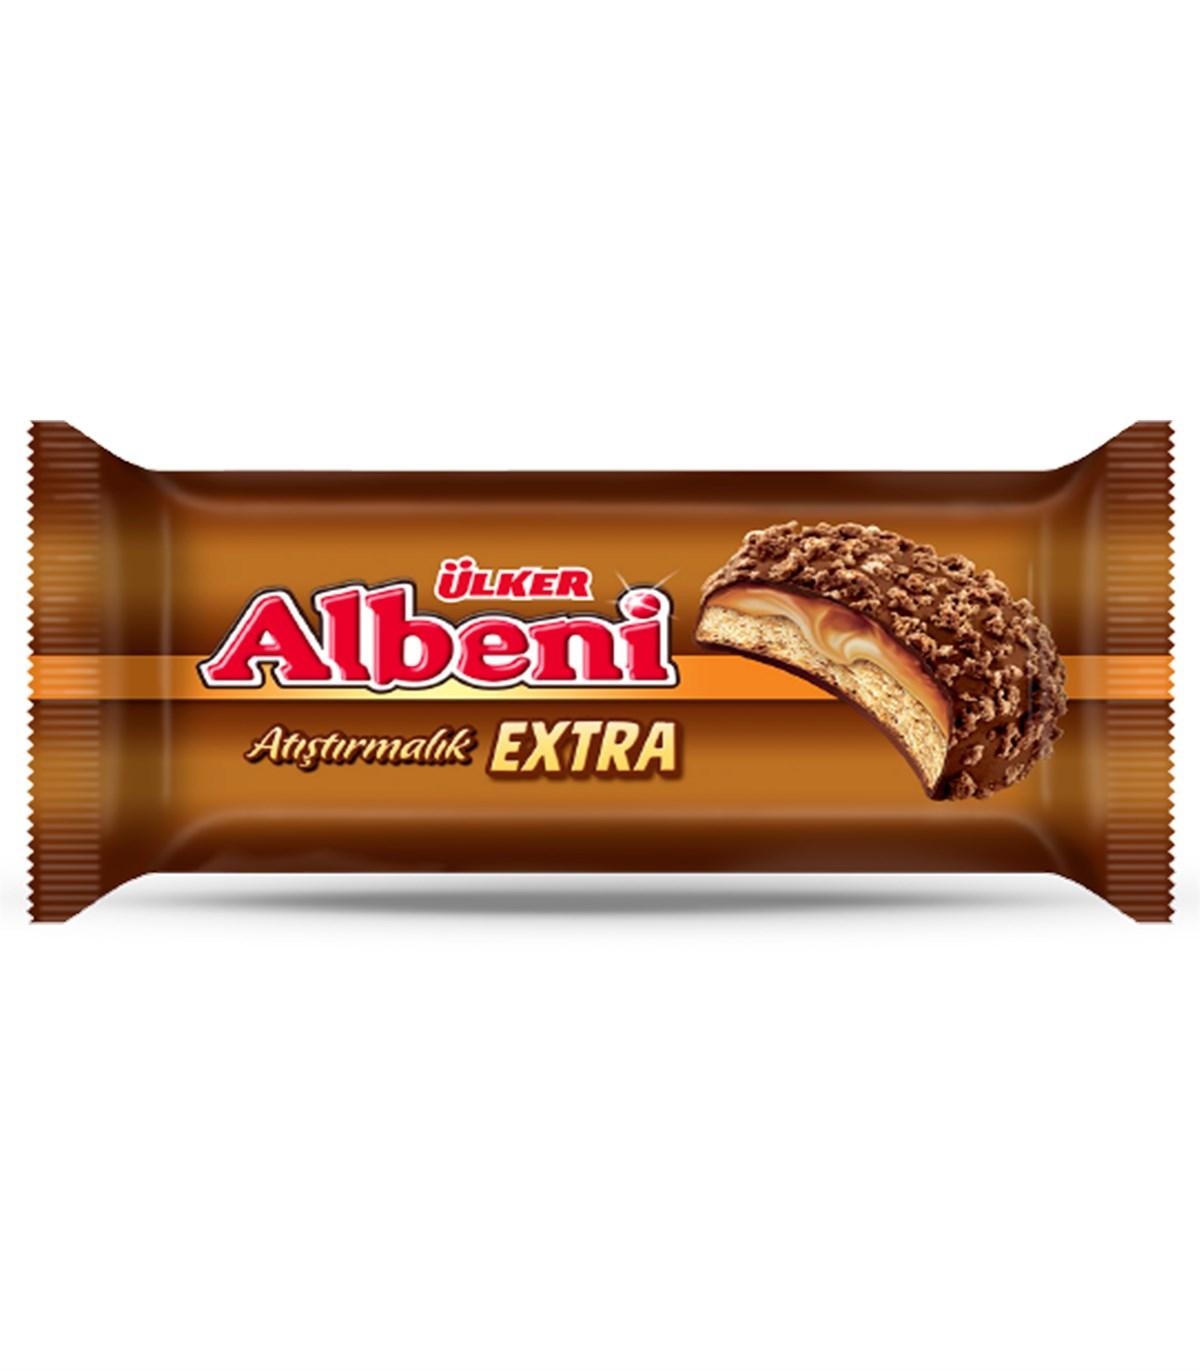 Ülker Albeni Extra Atıştırmalık 170 Gr 12 Adet